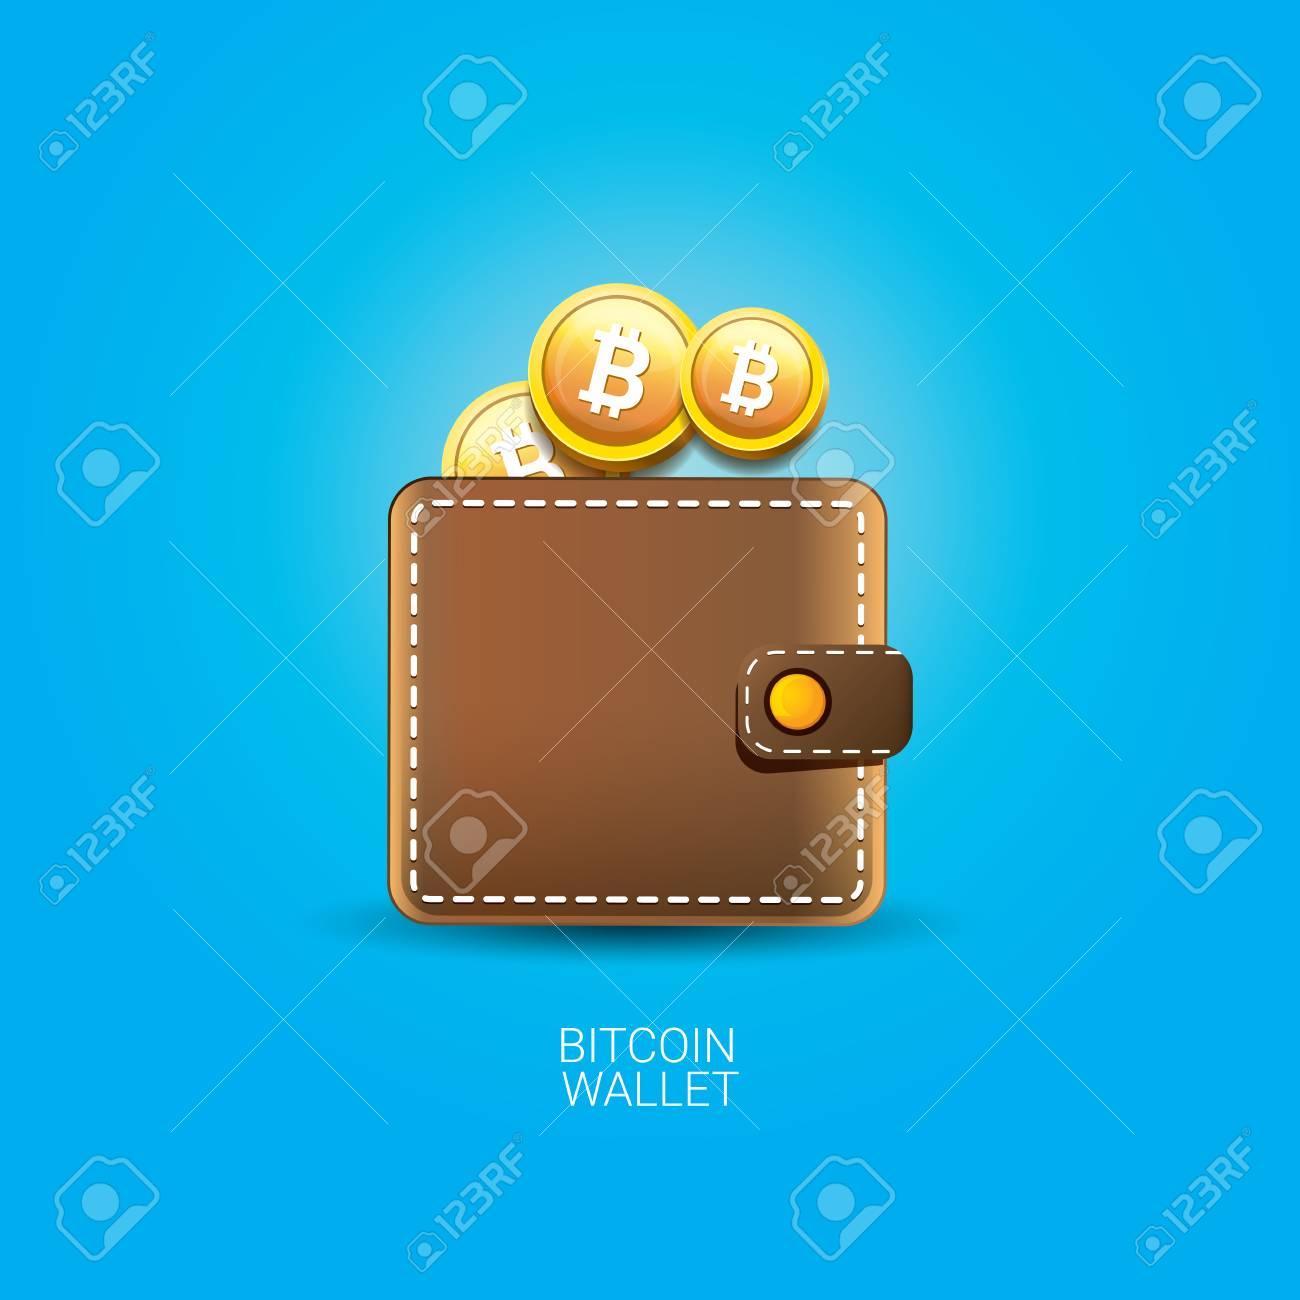 coin pocket bitcoin wallet